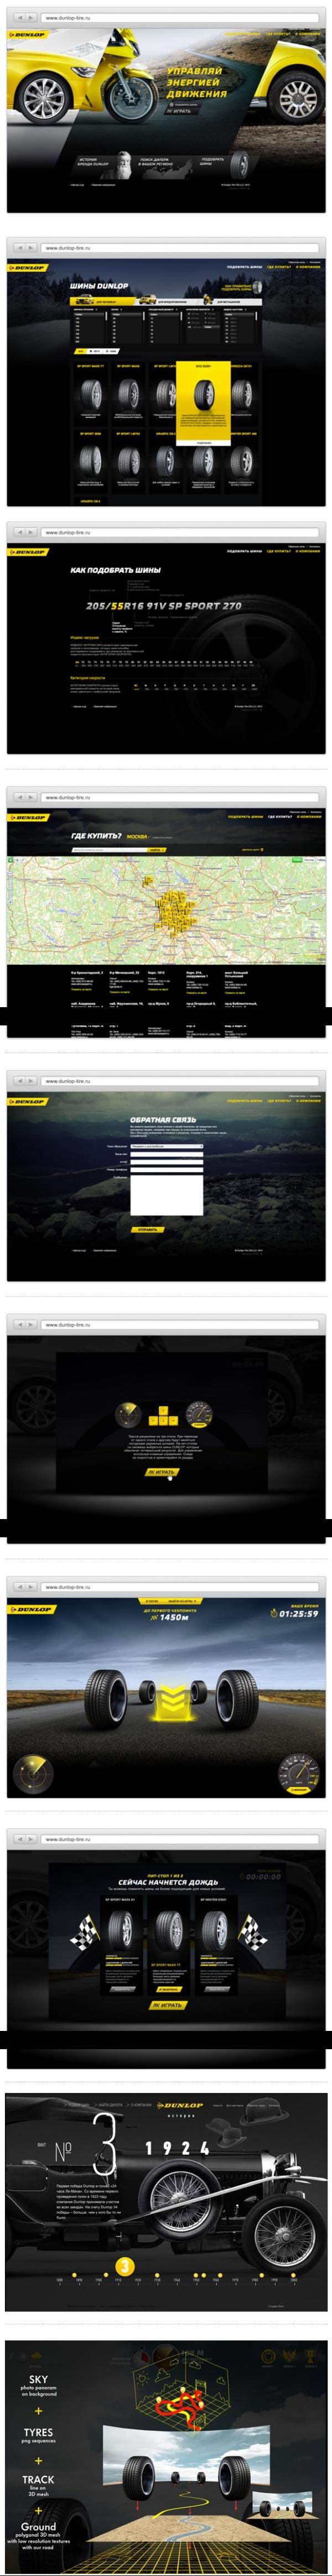 http://en.dunlop-tire.ru/  Really interesting in light of Michelin